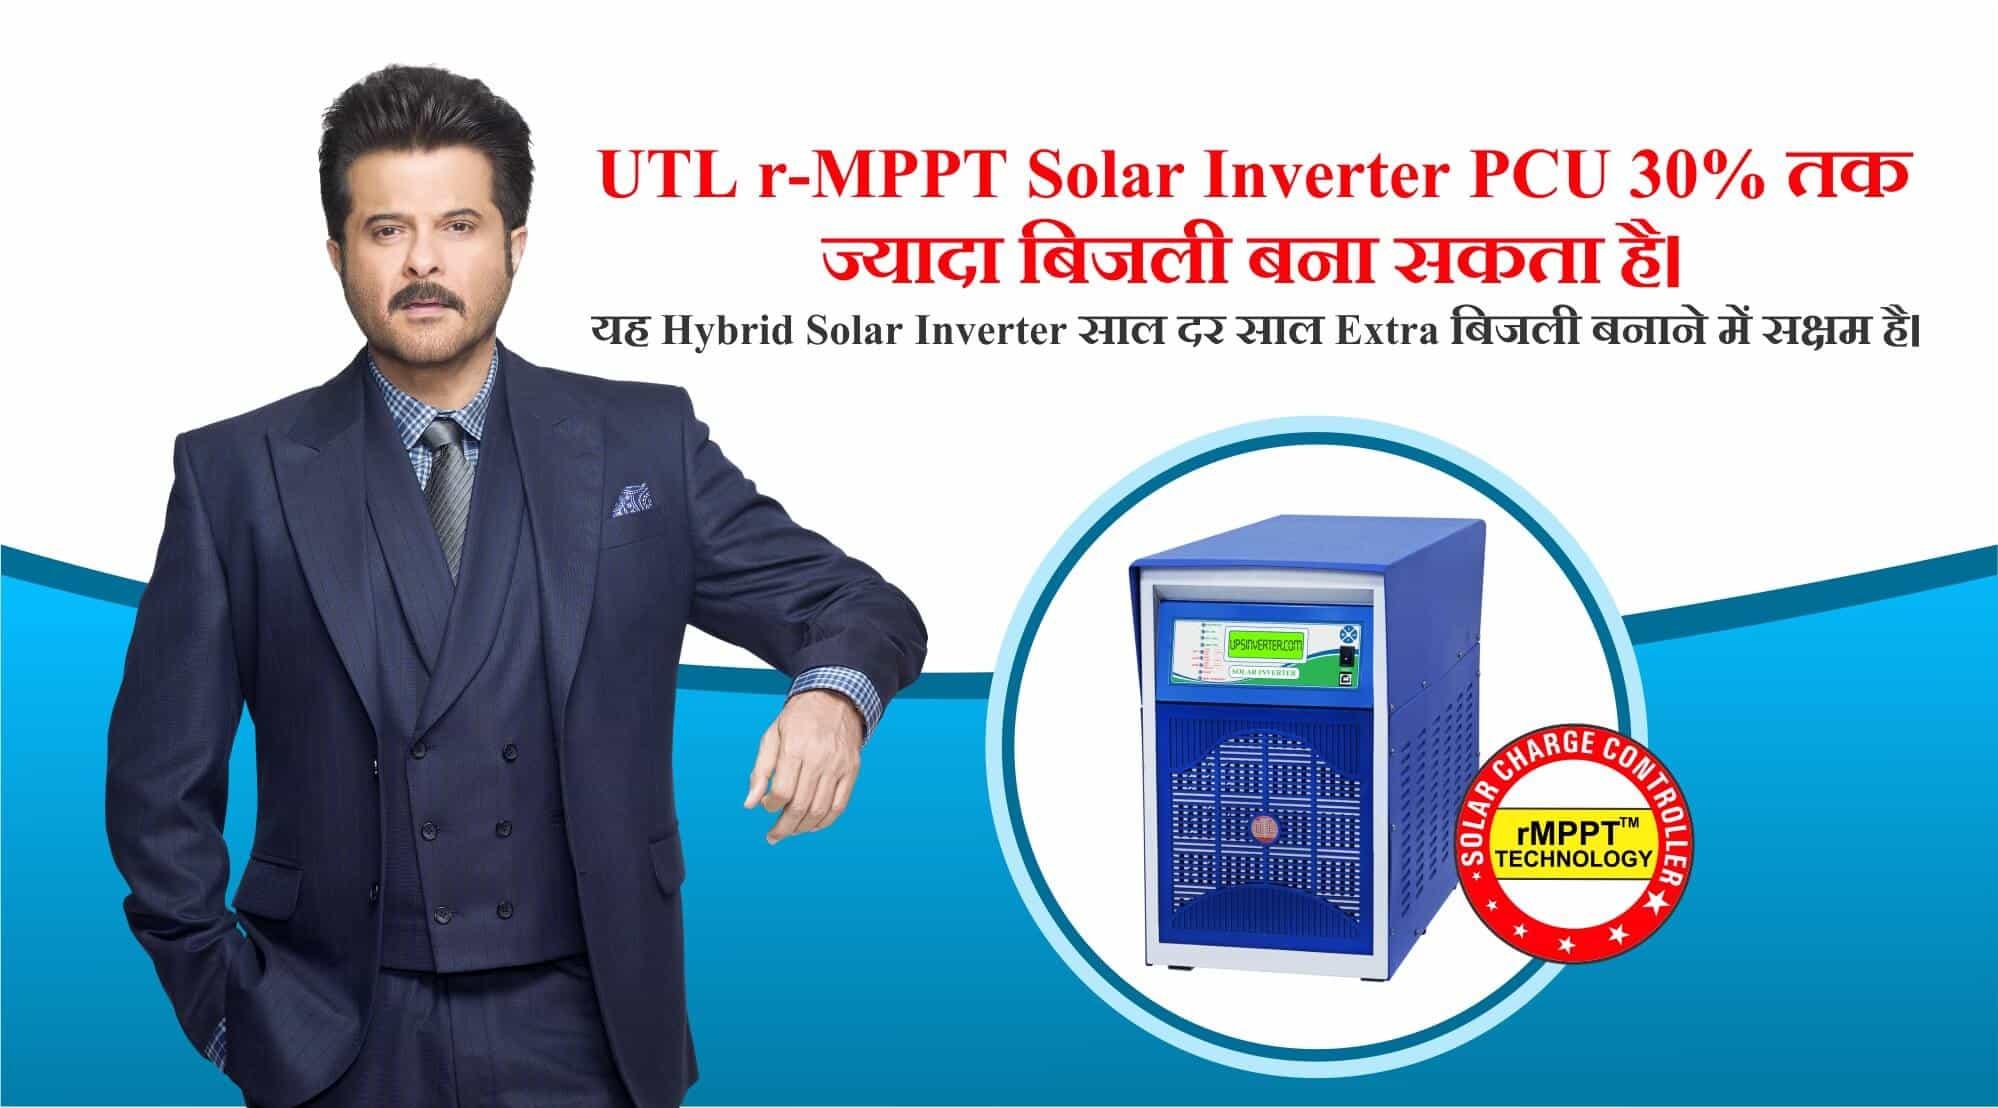 UTL r-MPPT Solar Inverter PCU